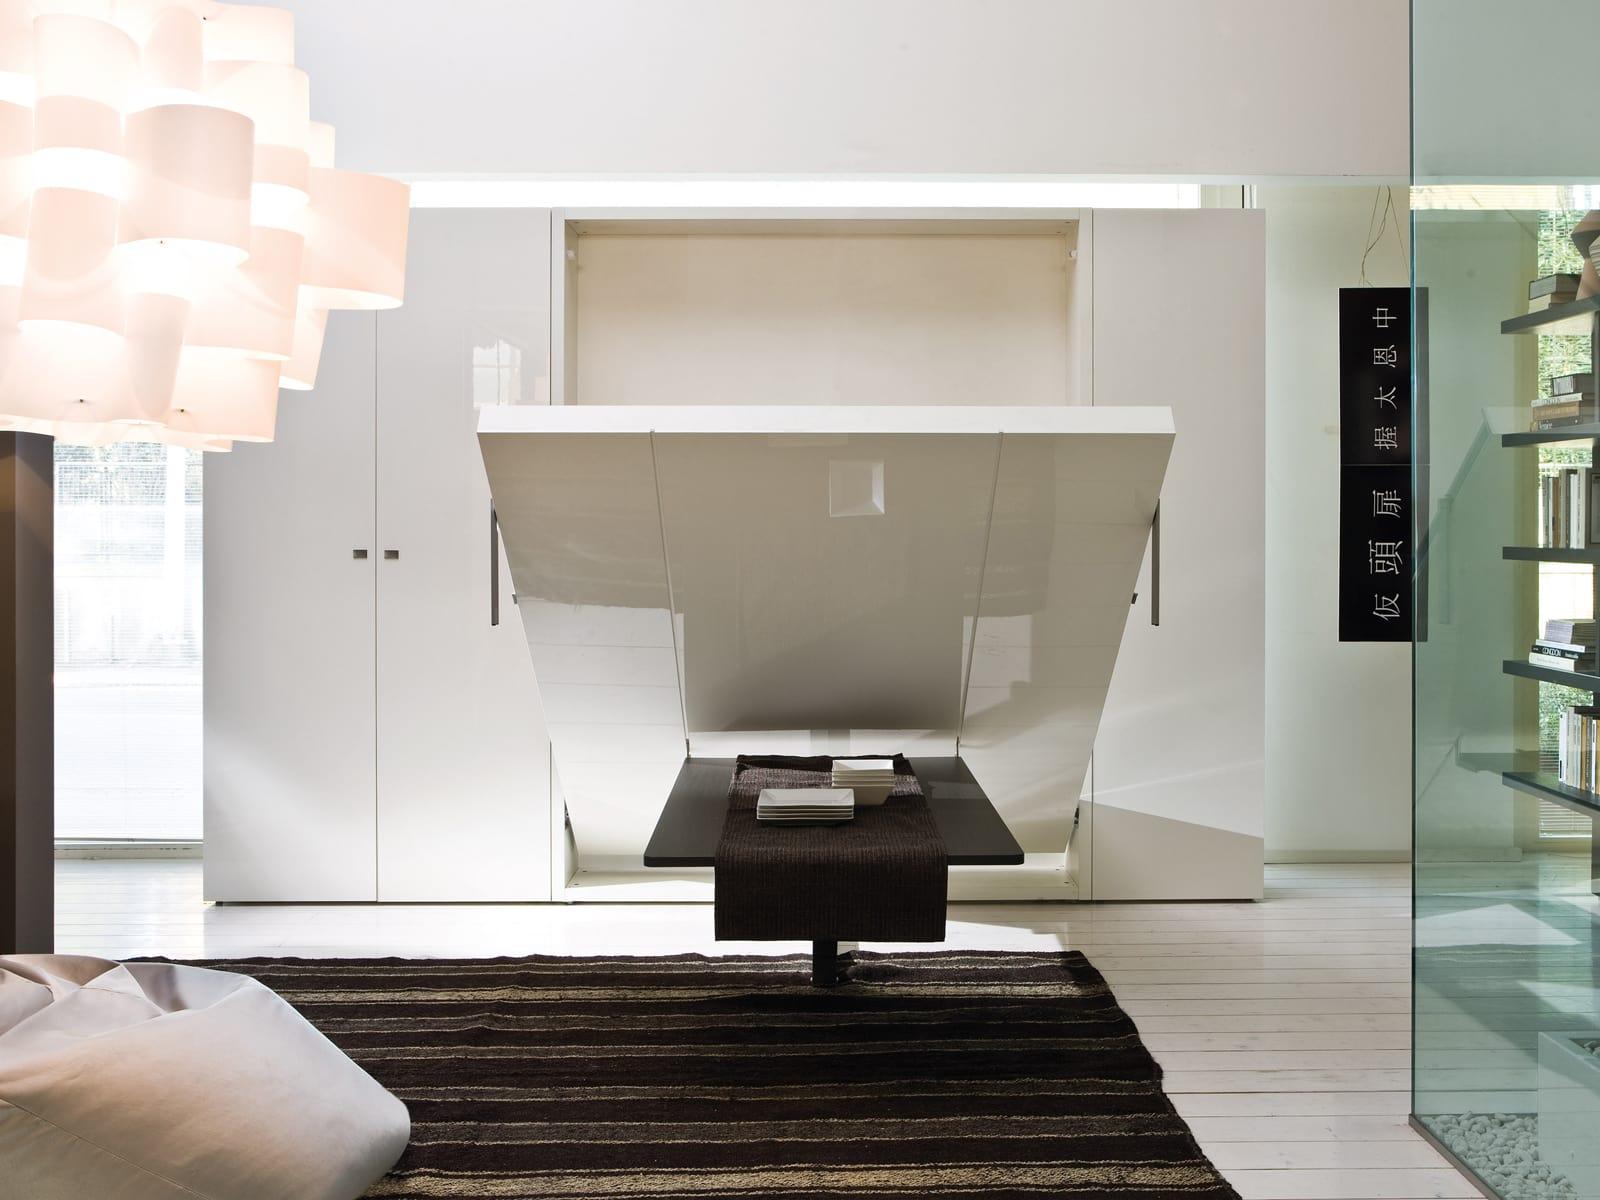 Cama abatible de matrimonio para ahorrar espacio for Mueble cama abatible vertical matrimonio